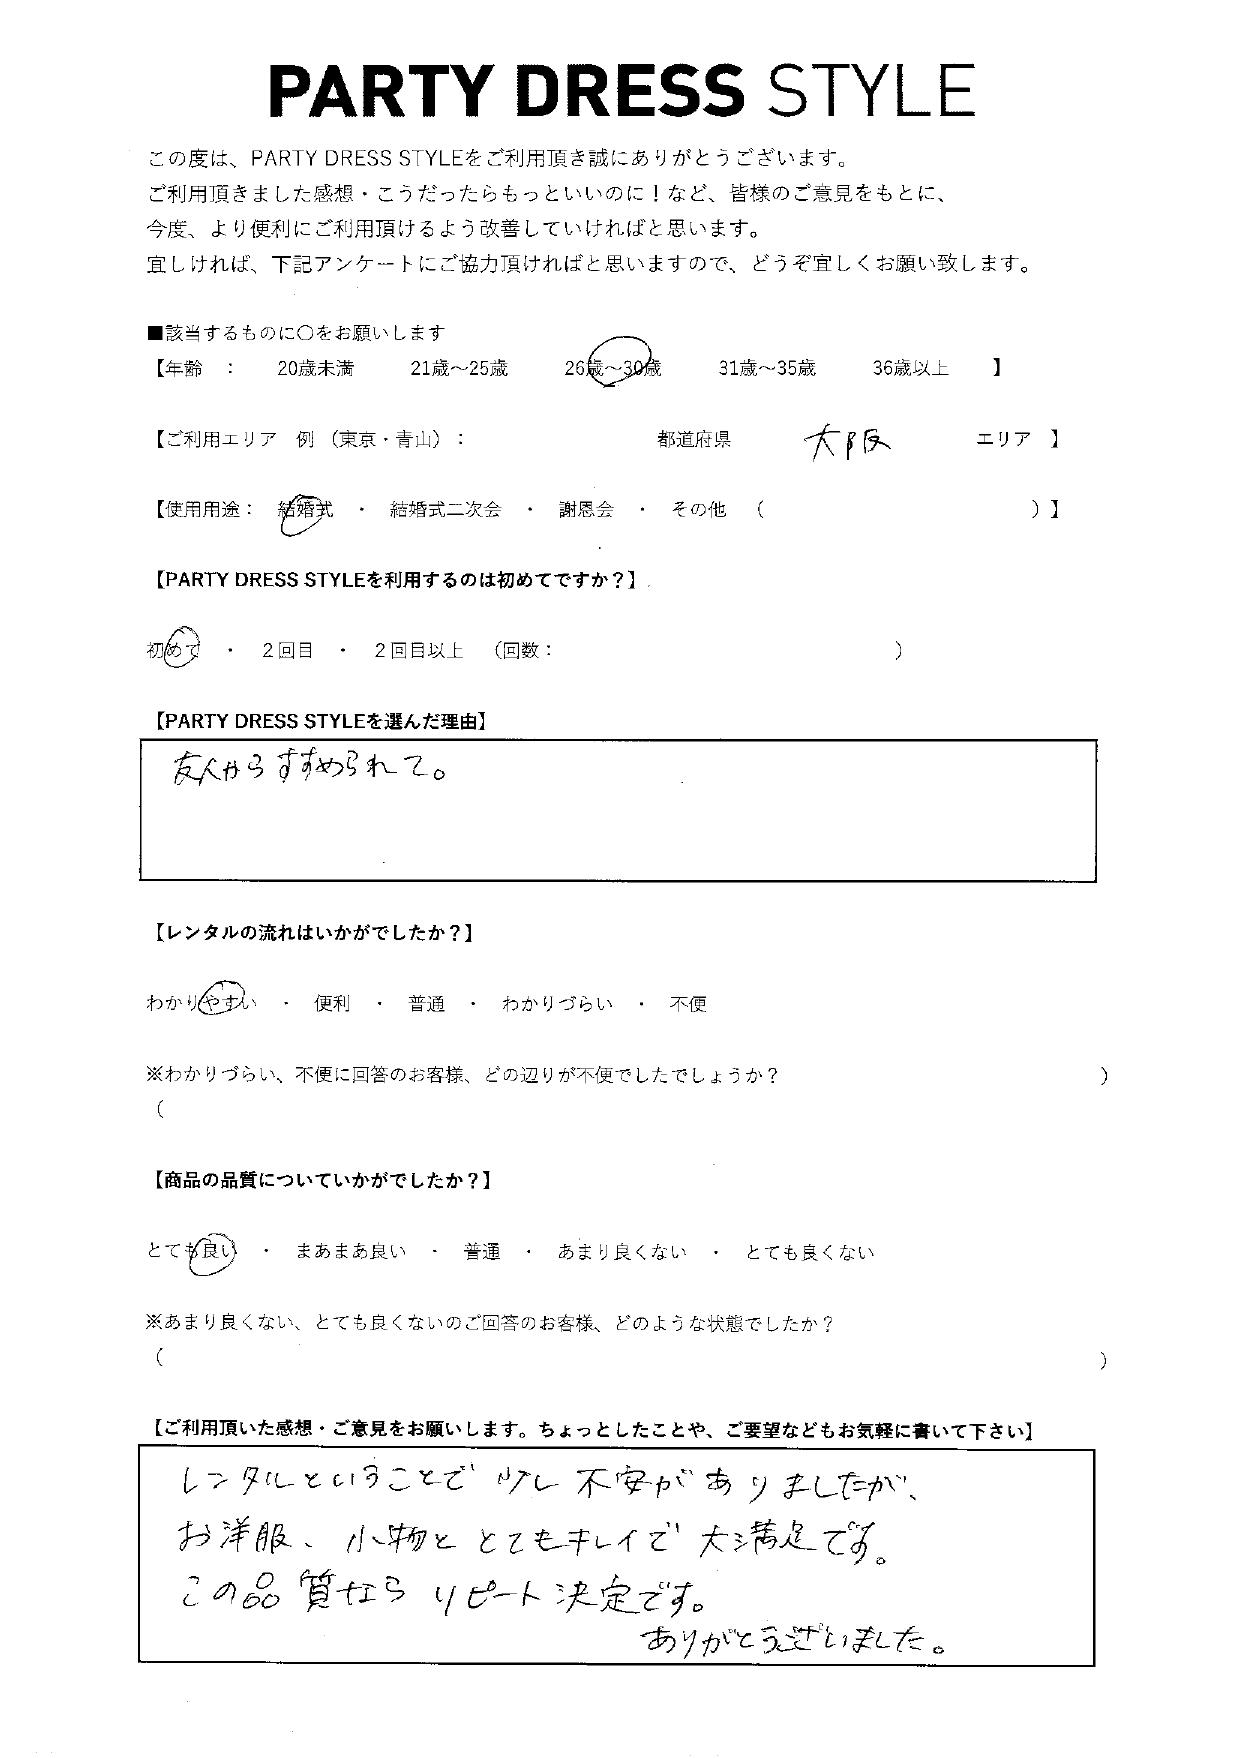 4/4結婚式ご利用 大阪府エリア